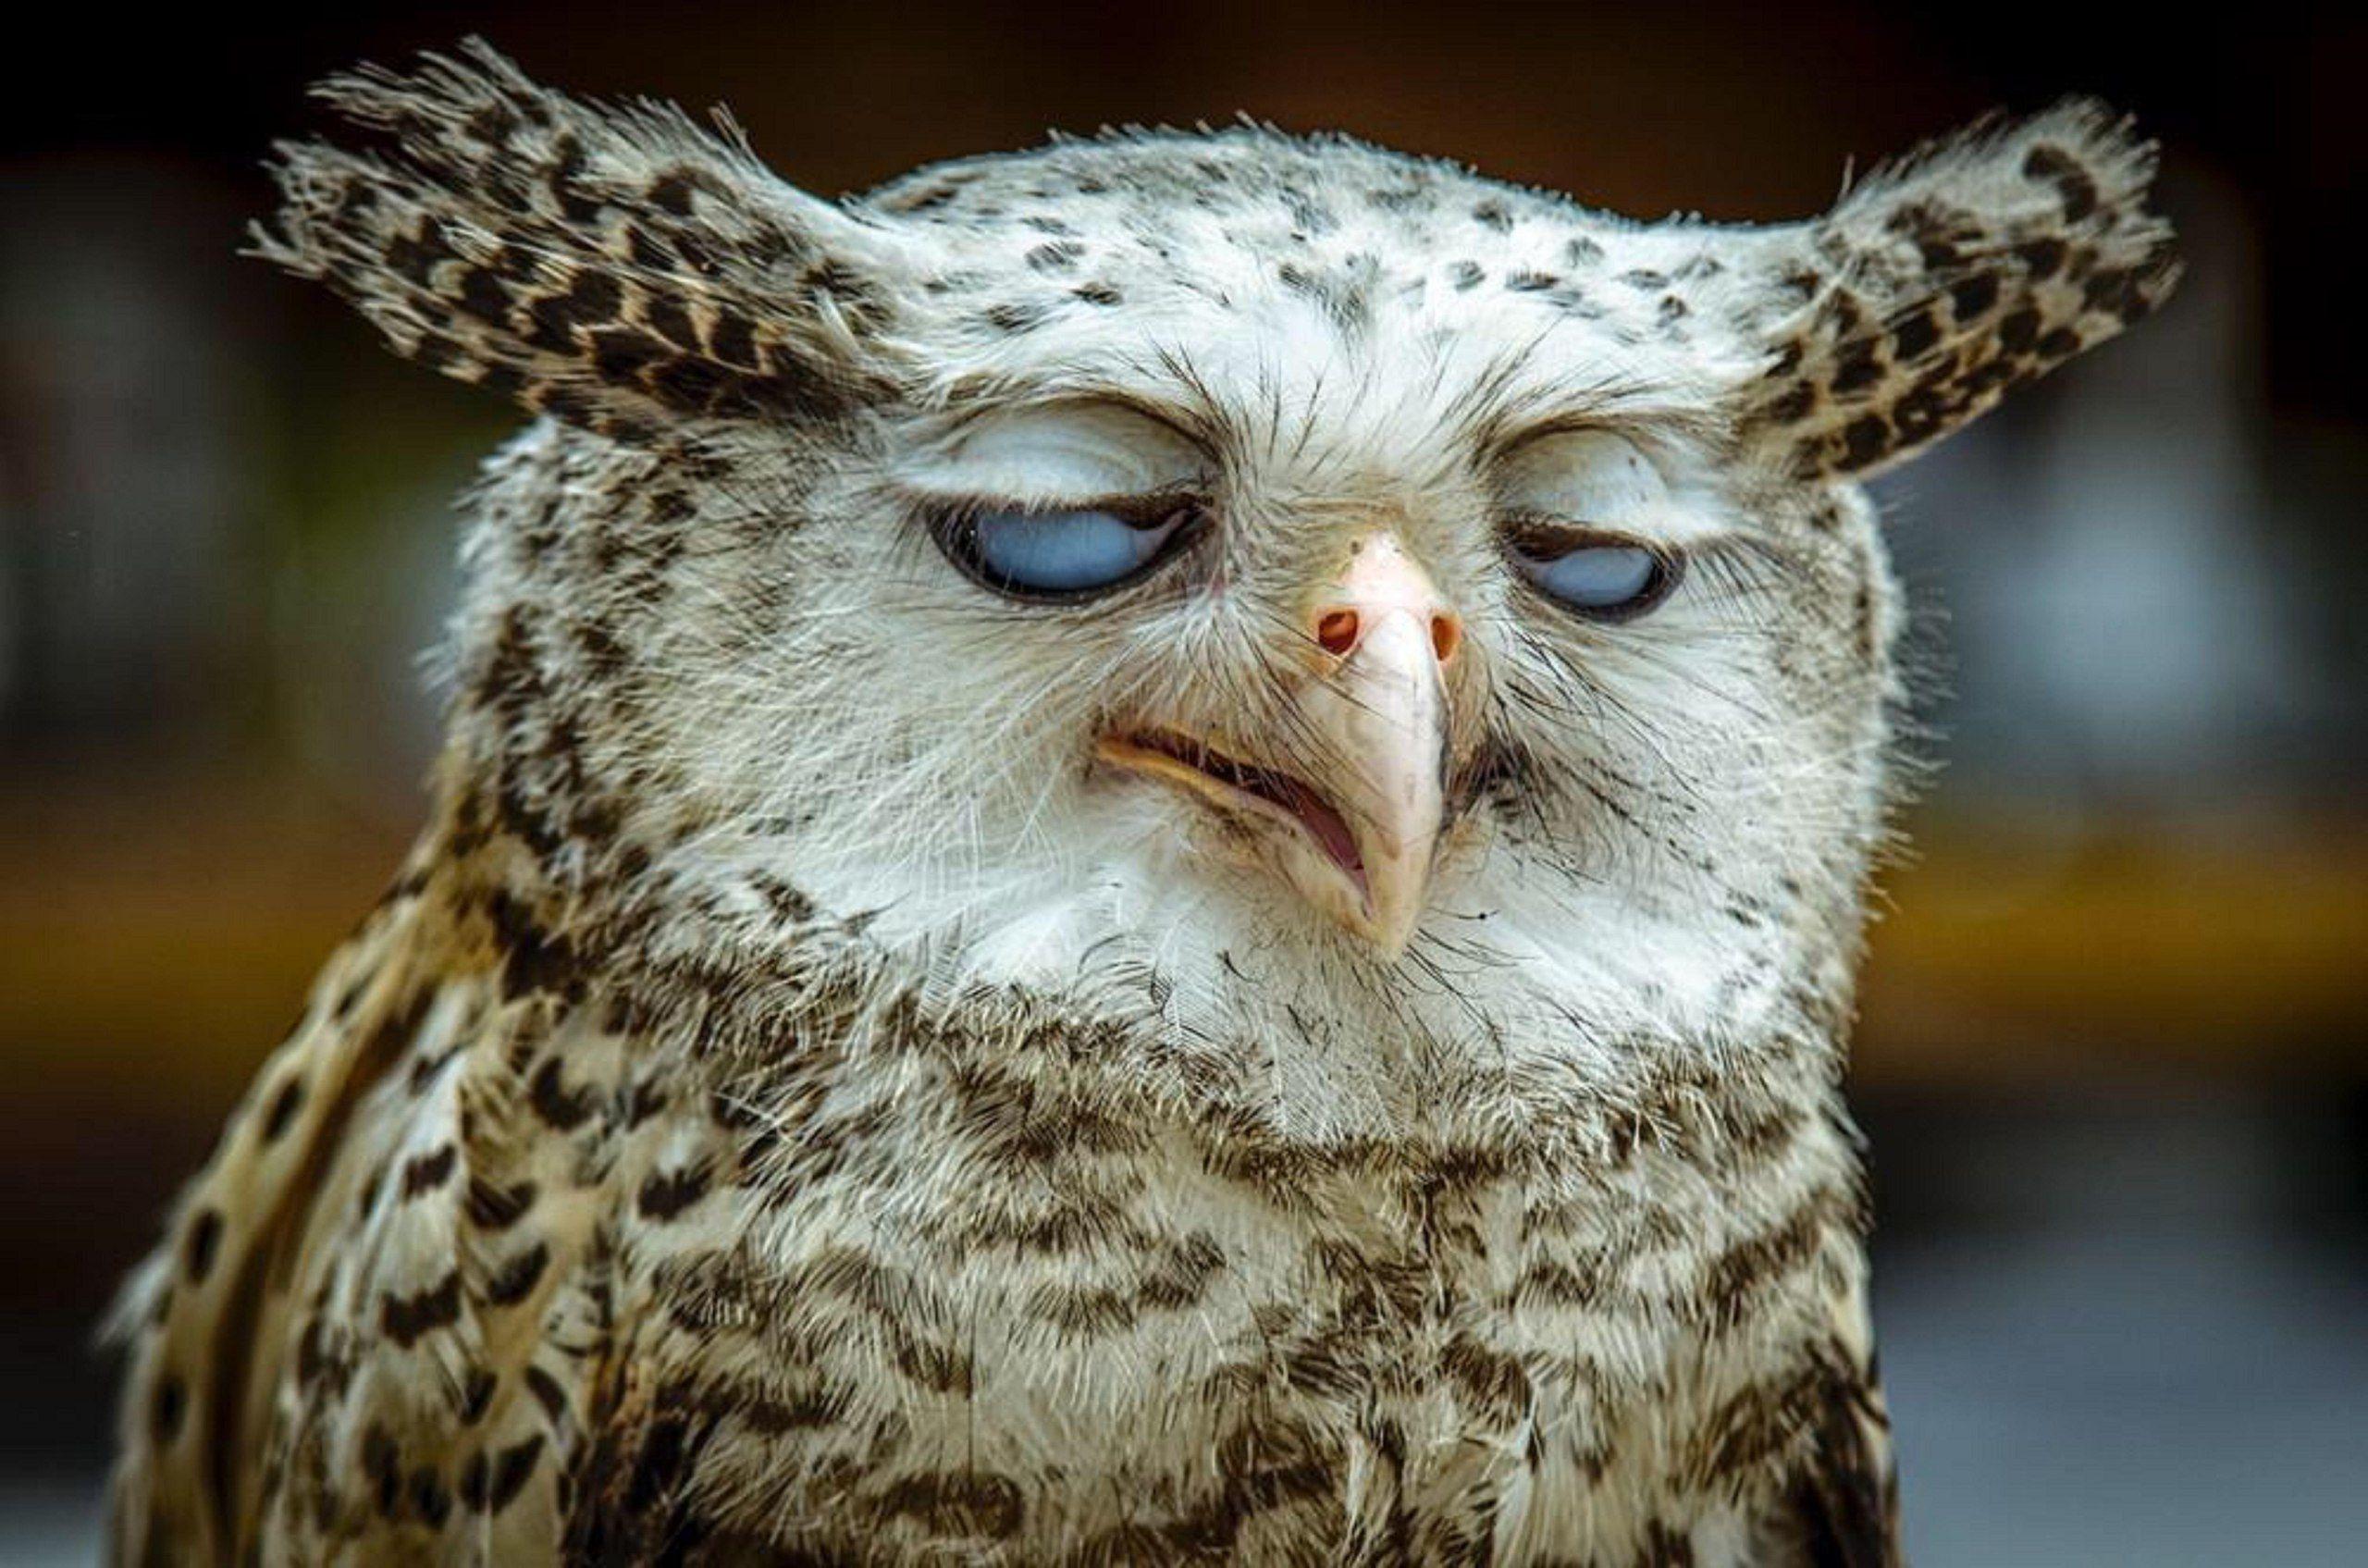 позволяет просматривать картинки сонной совы время обучения